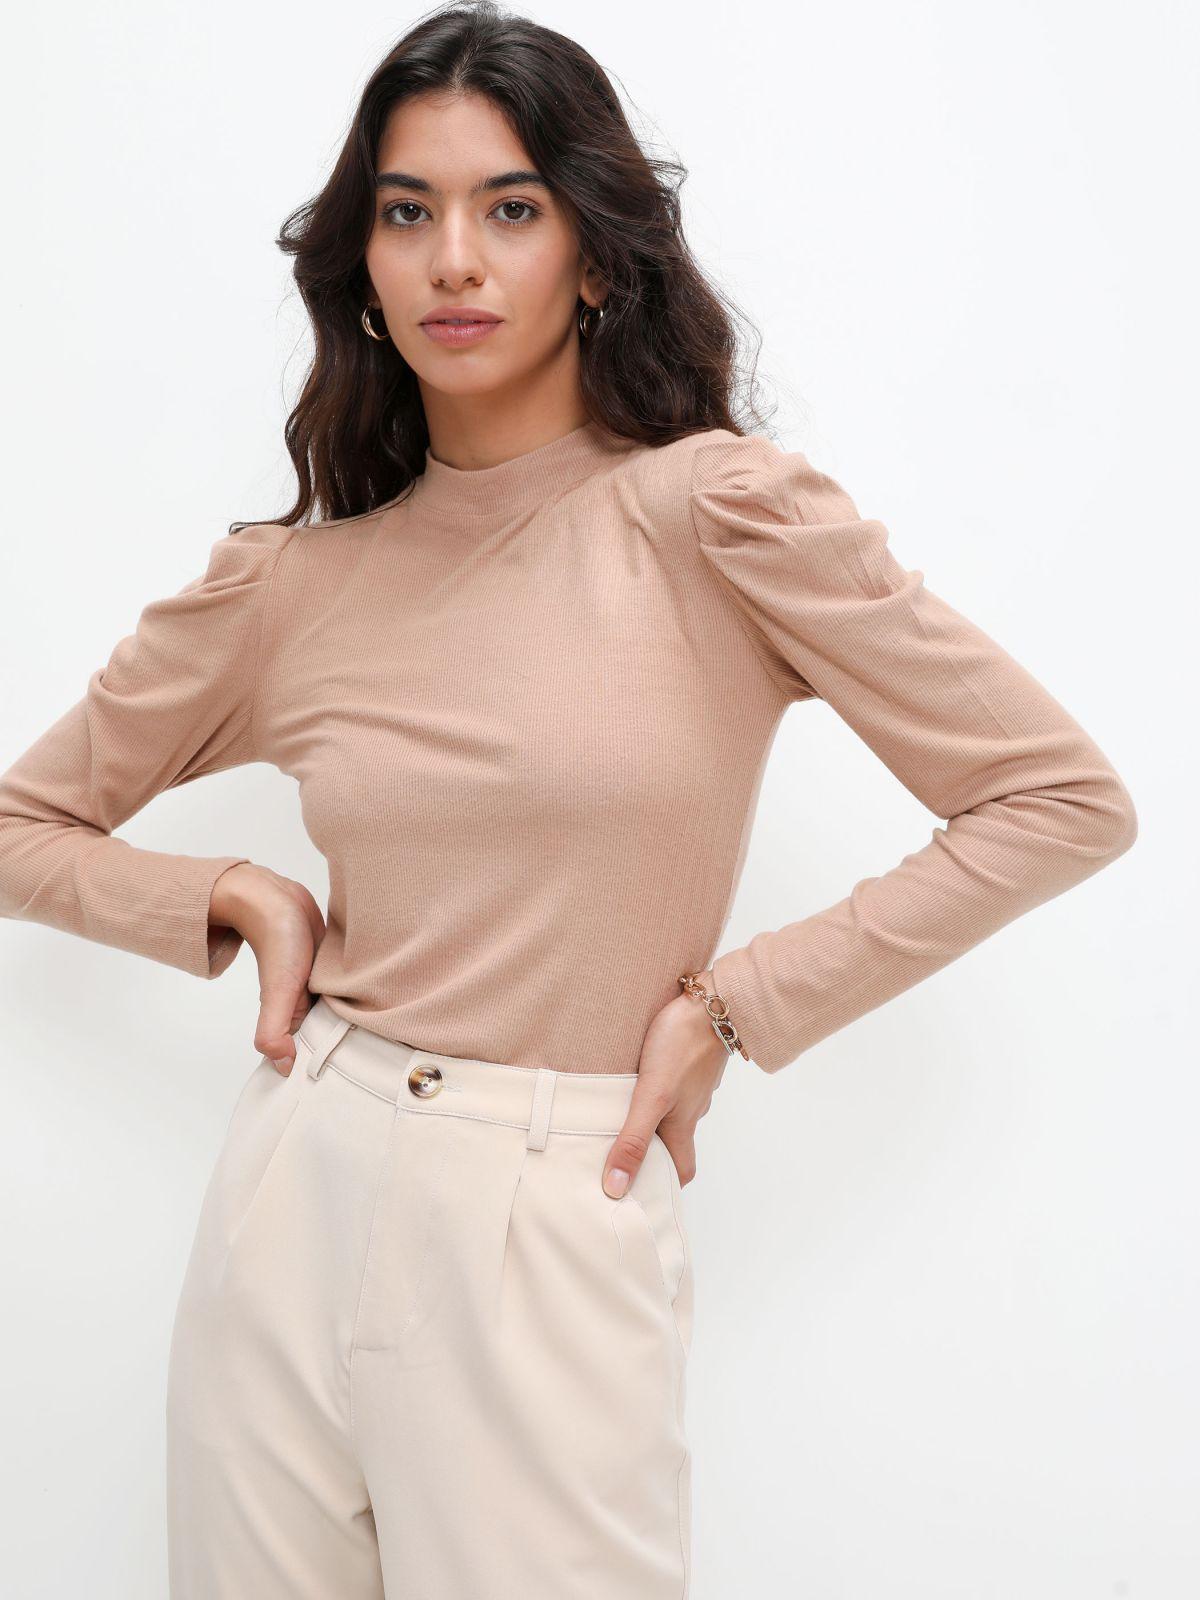 חולצת ריב חלקה עם כתפיים נפוחותחולצת ריב חלקה עם כתפיים נפוחות של TERMINAL X